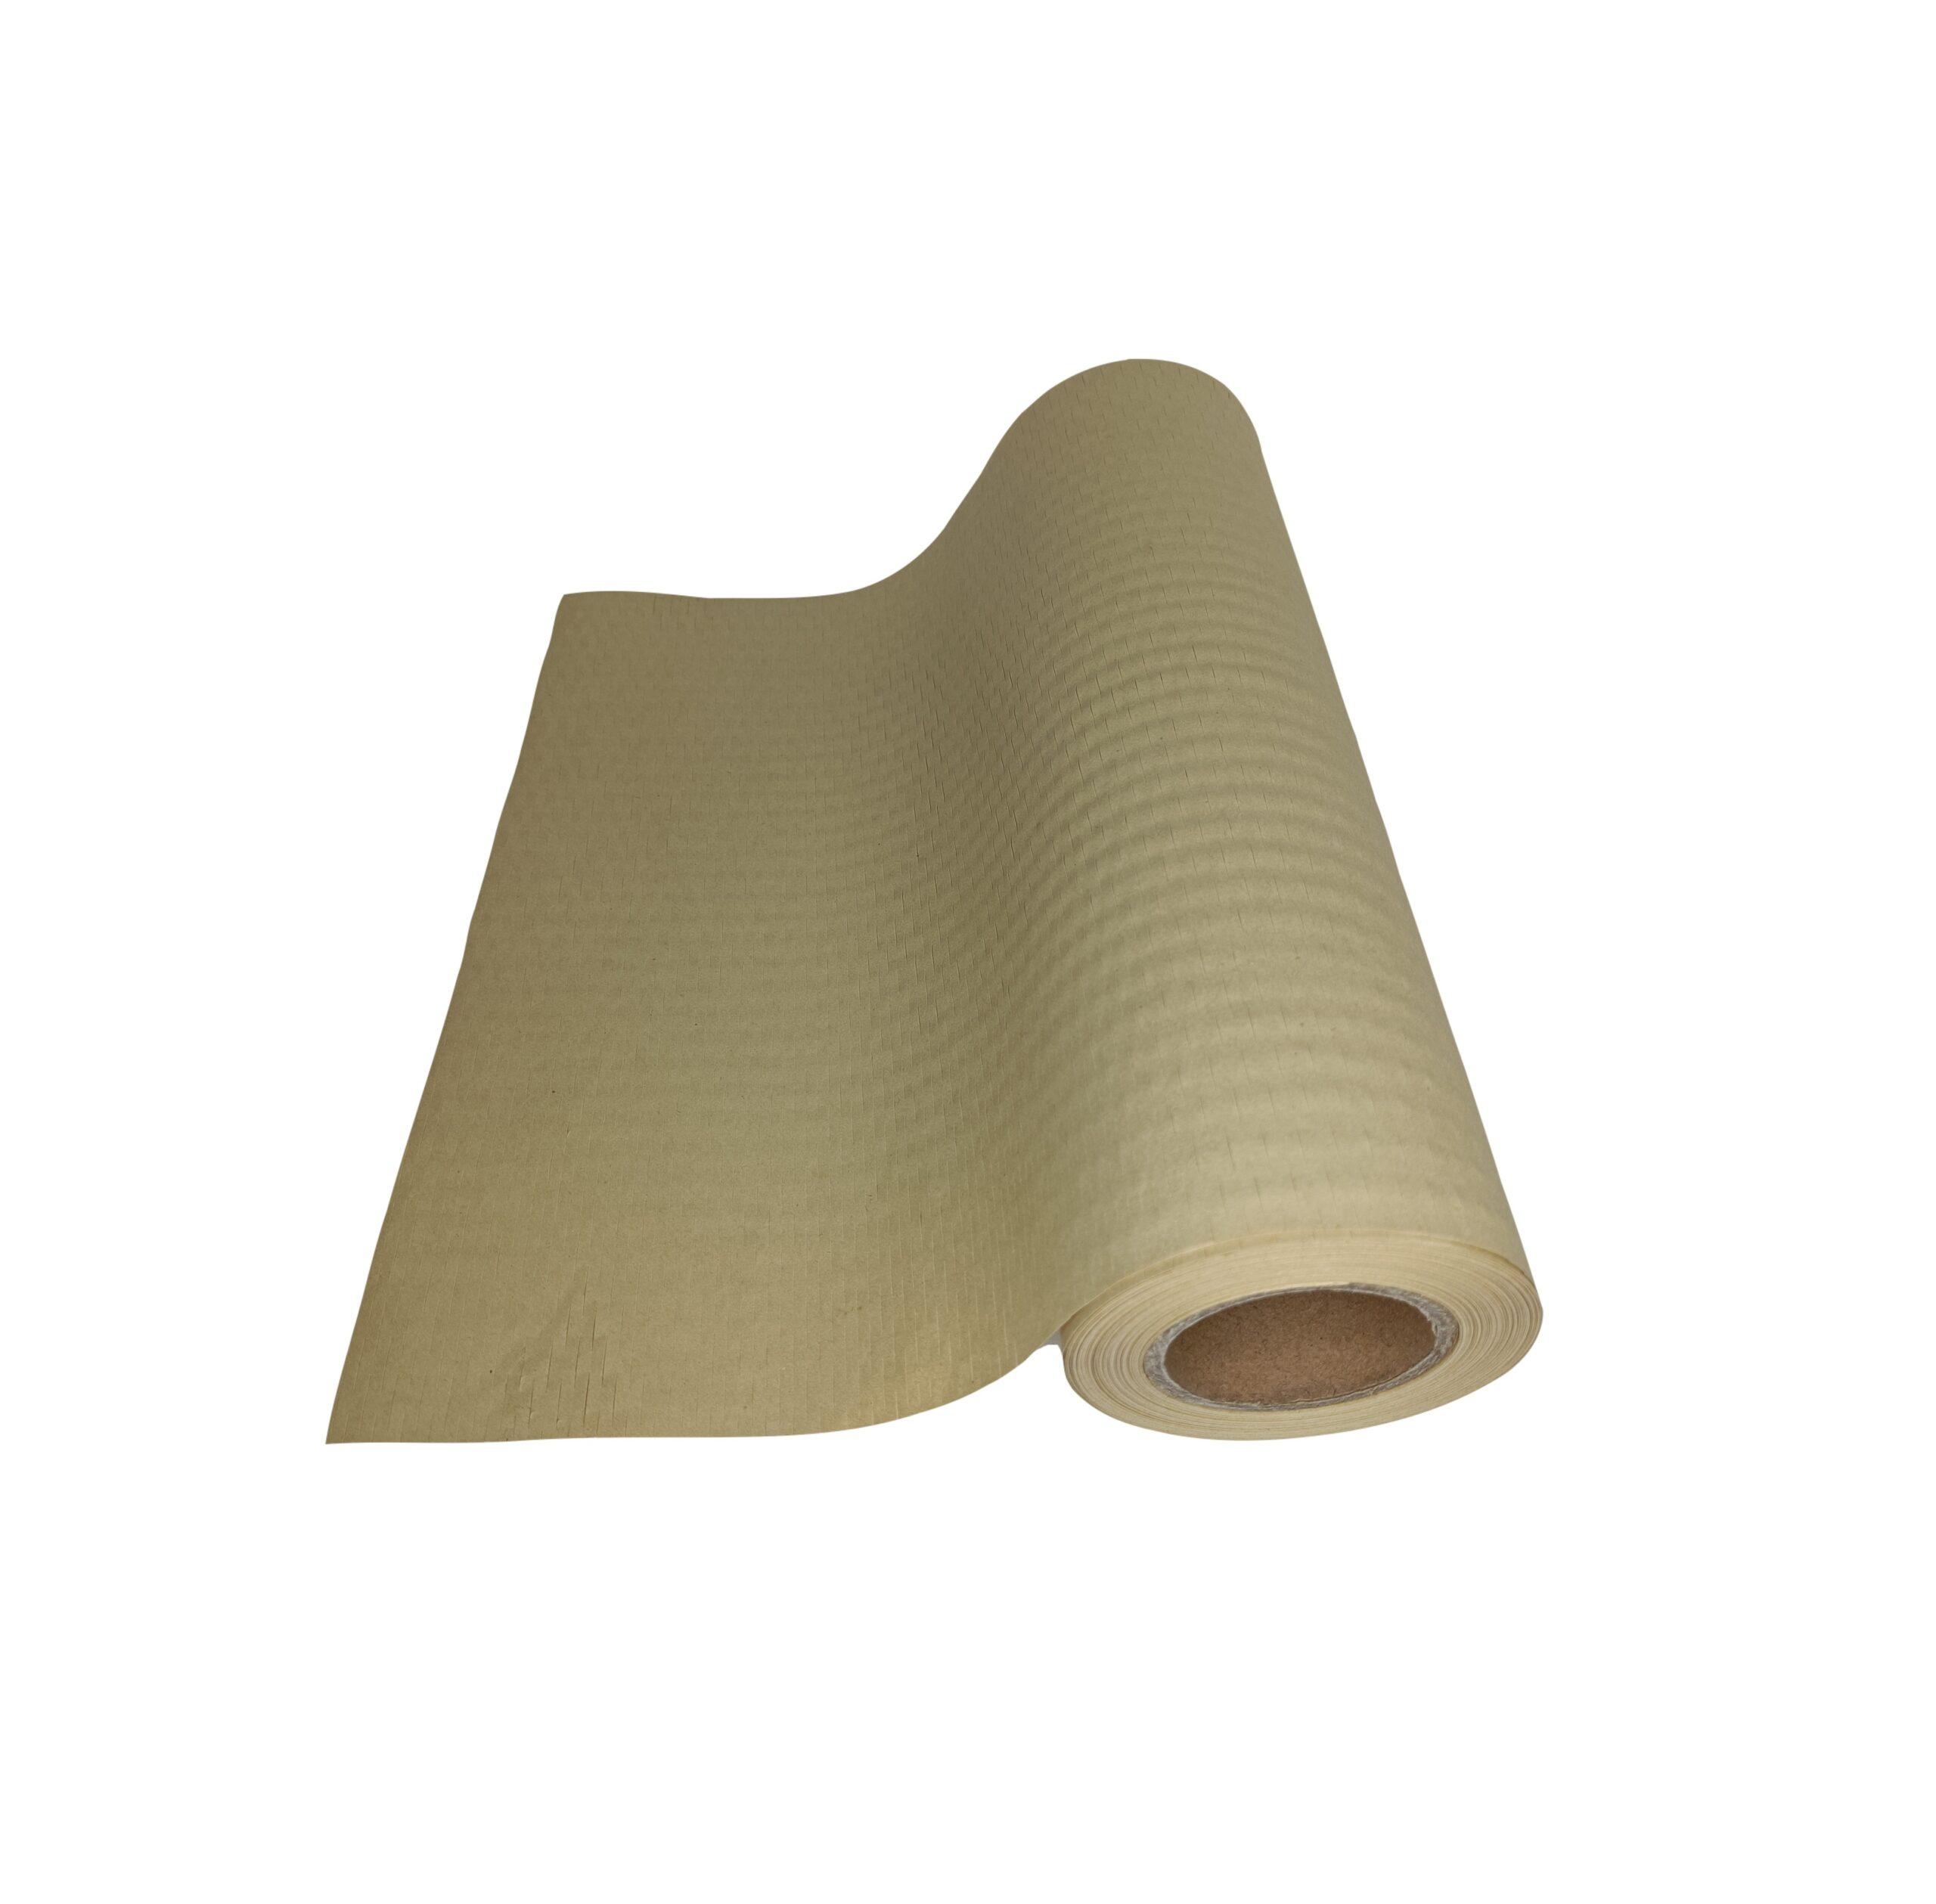 18 inch x1200 inch Honeycomb Cushion Wrap Roll